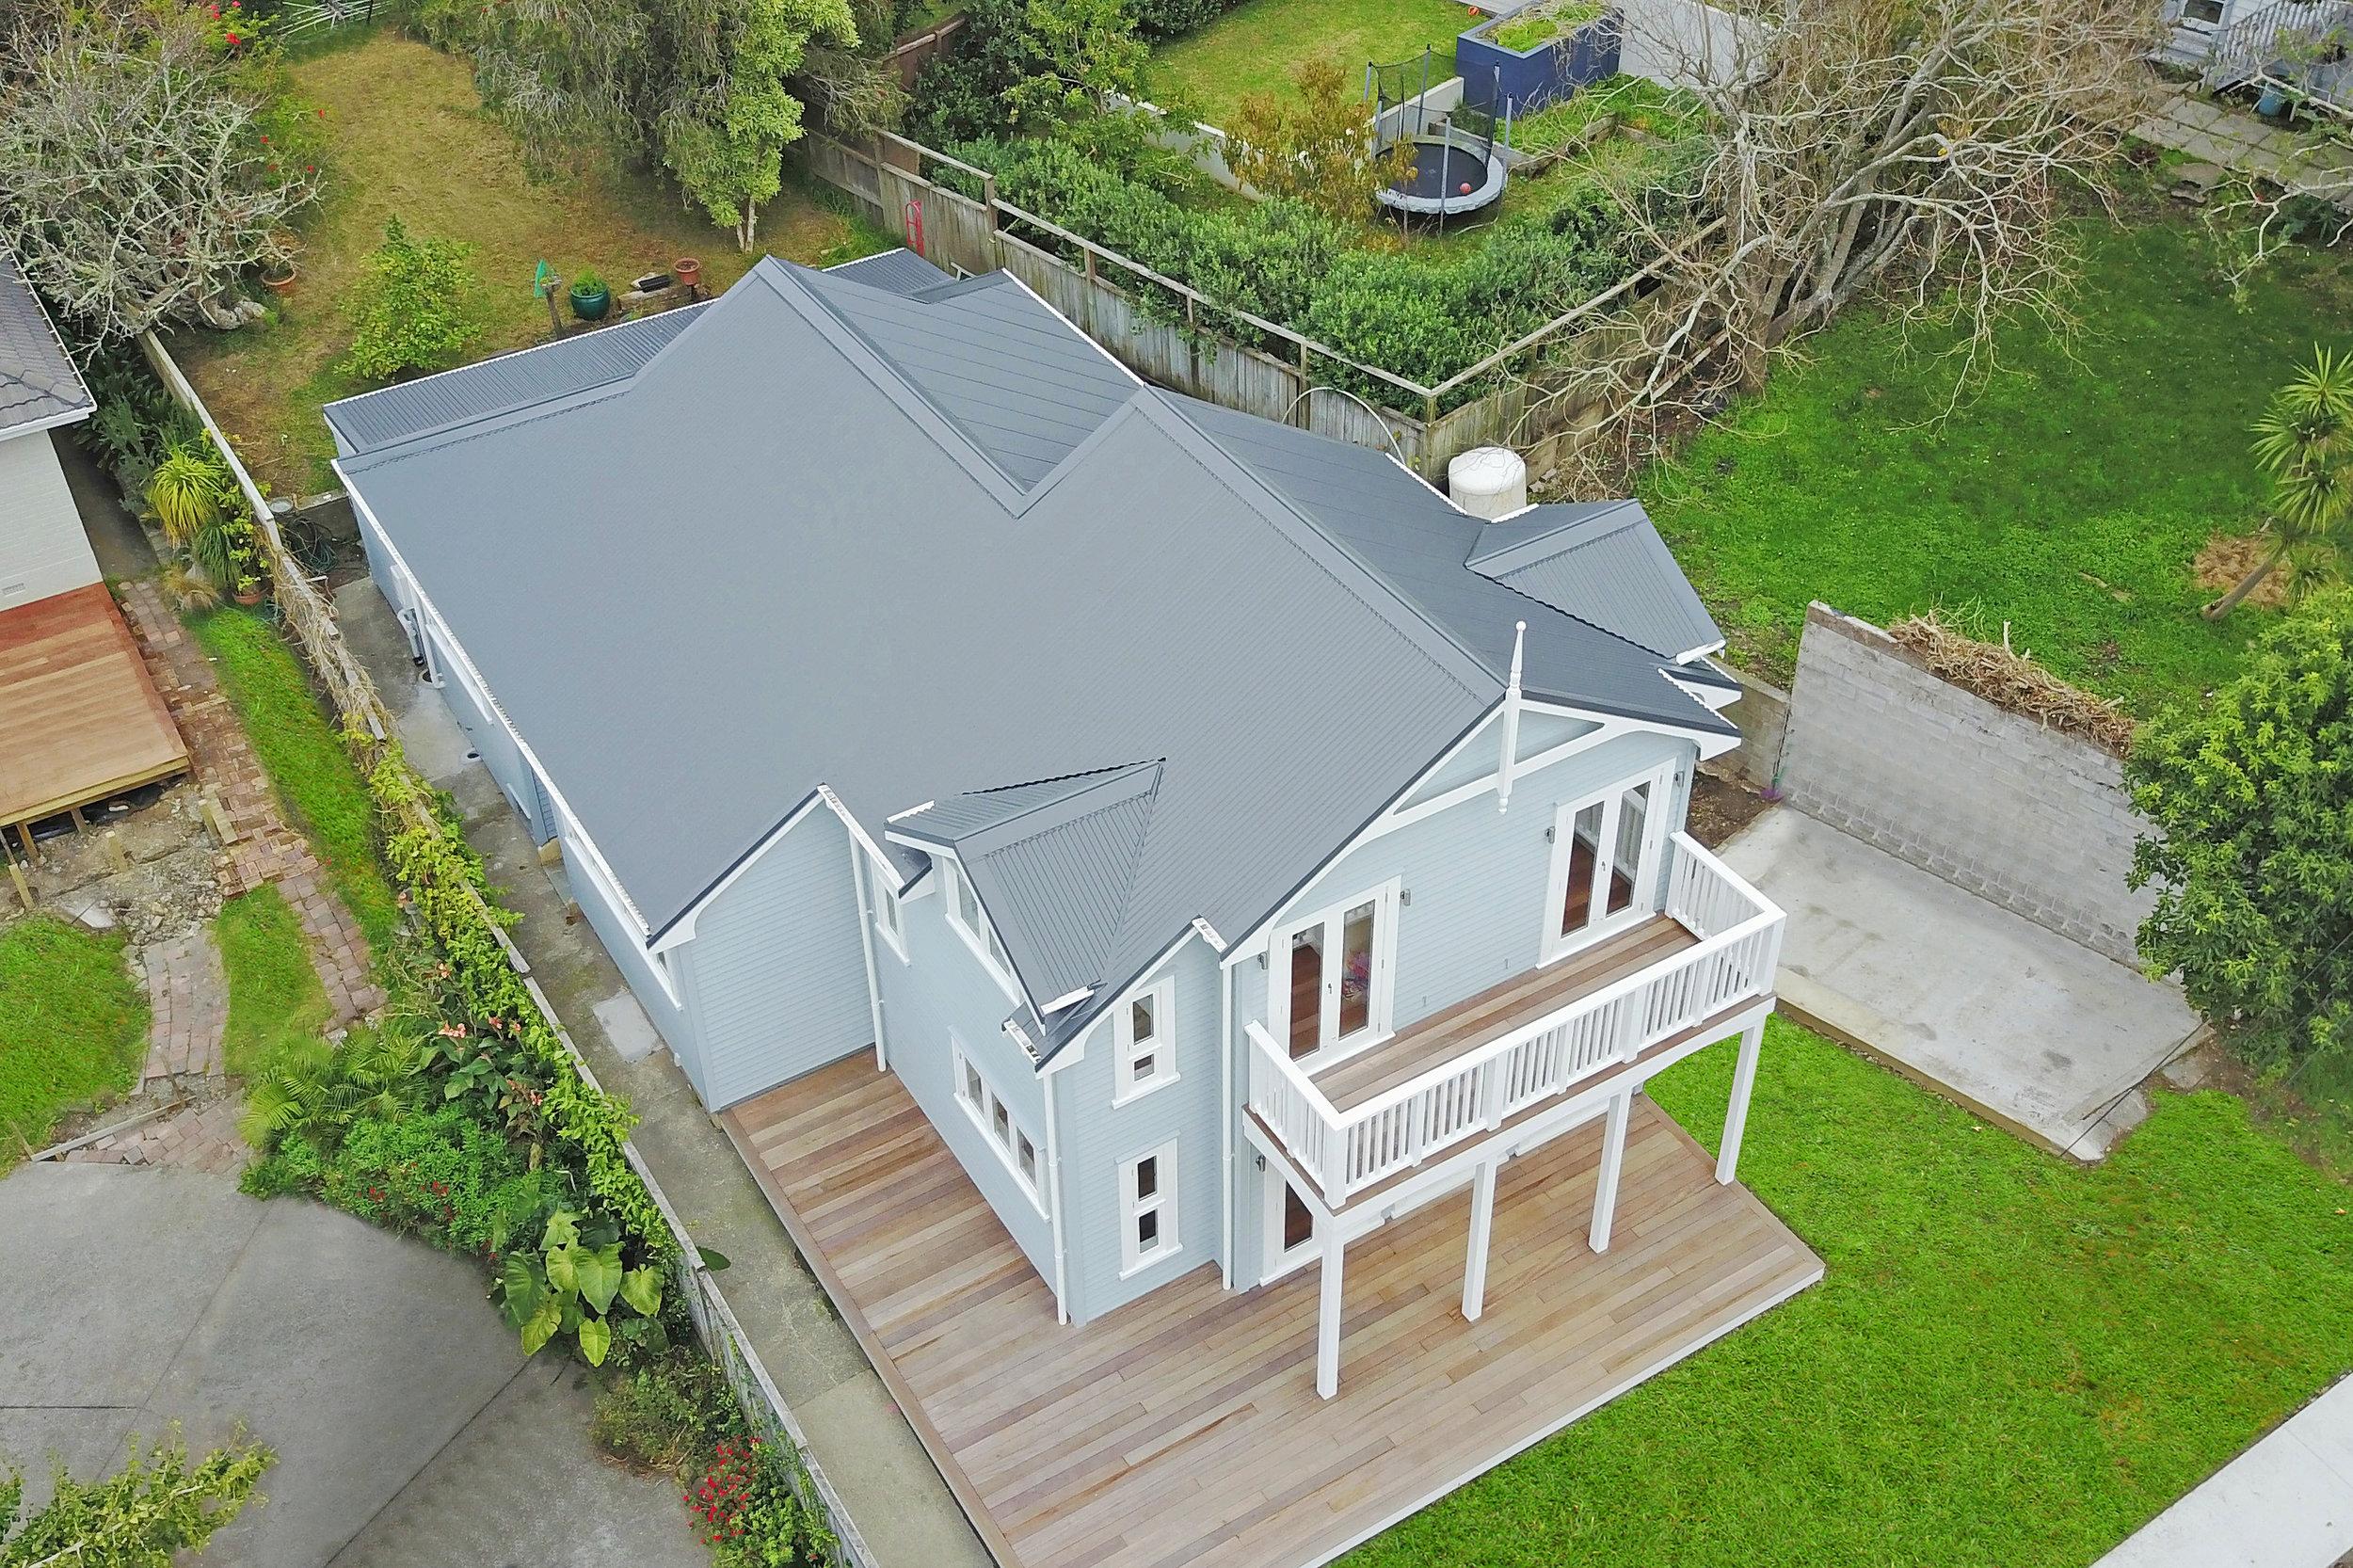 The-Roofing-Store-Steel-Metal-Corrugate-Vitor-0.55-Grey-Friars-3.jpg.jpg